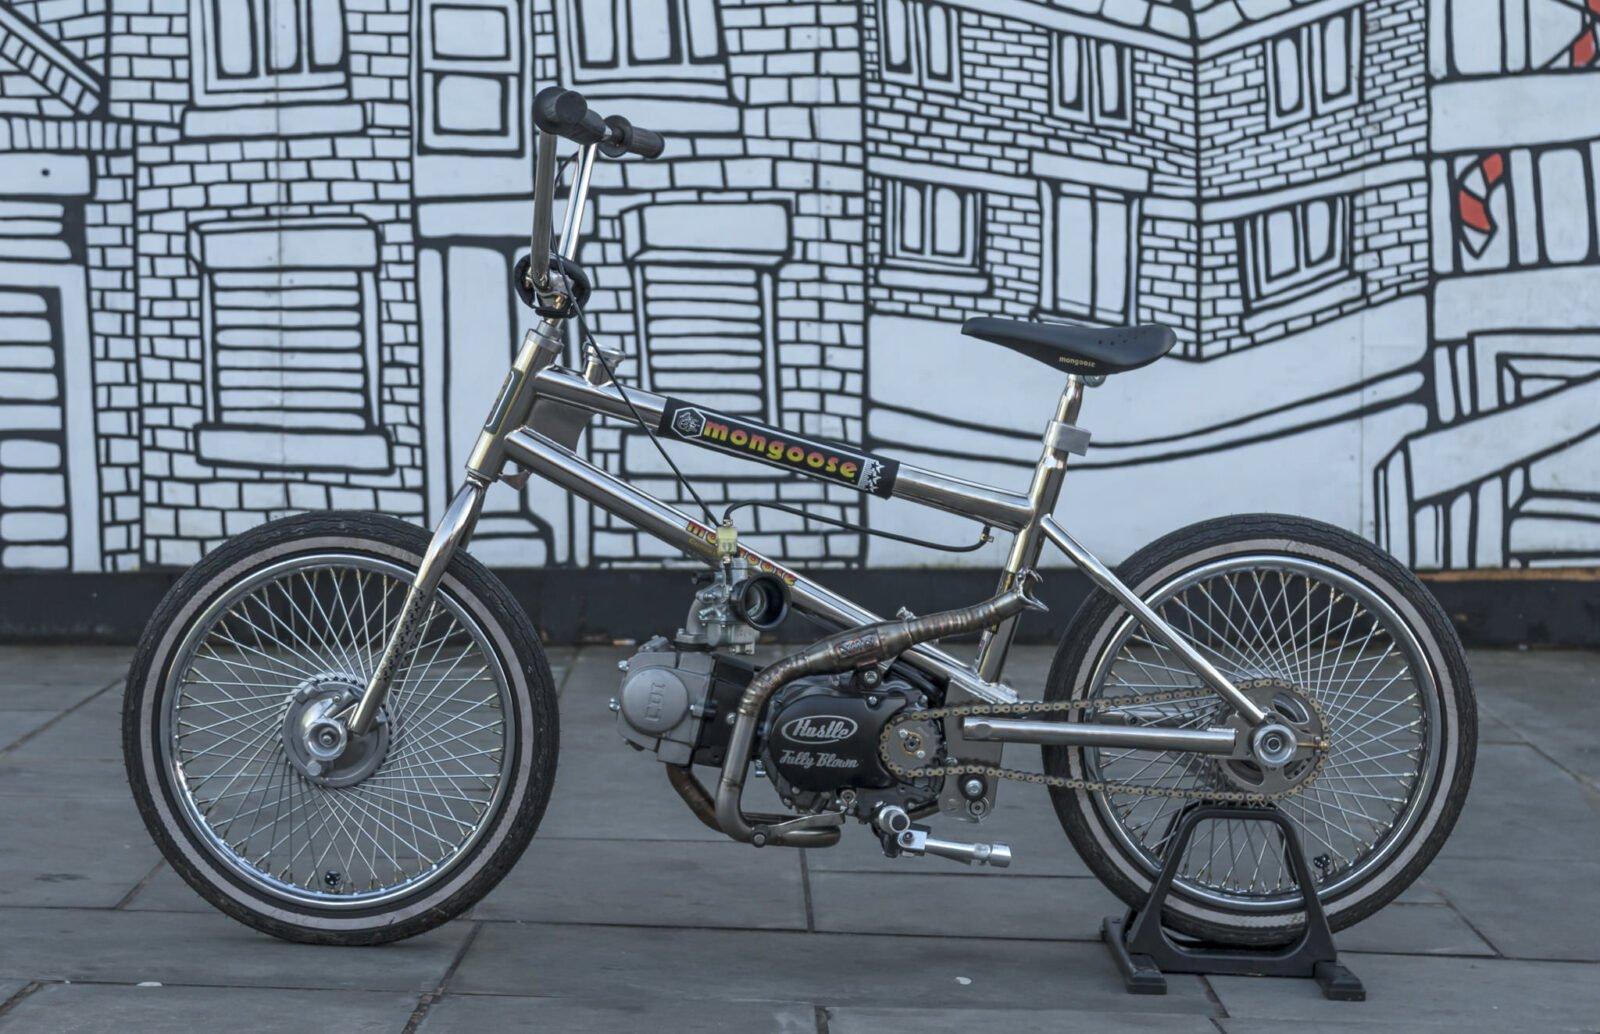 Motorized Mongoose BMX Bike 11